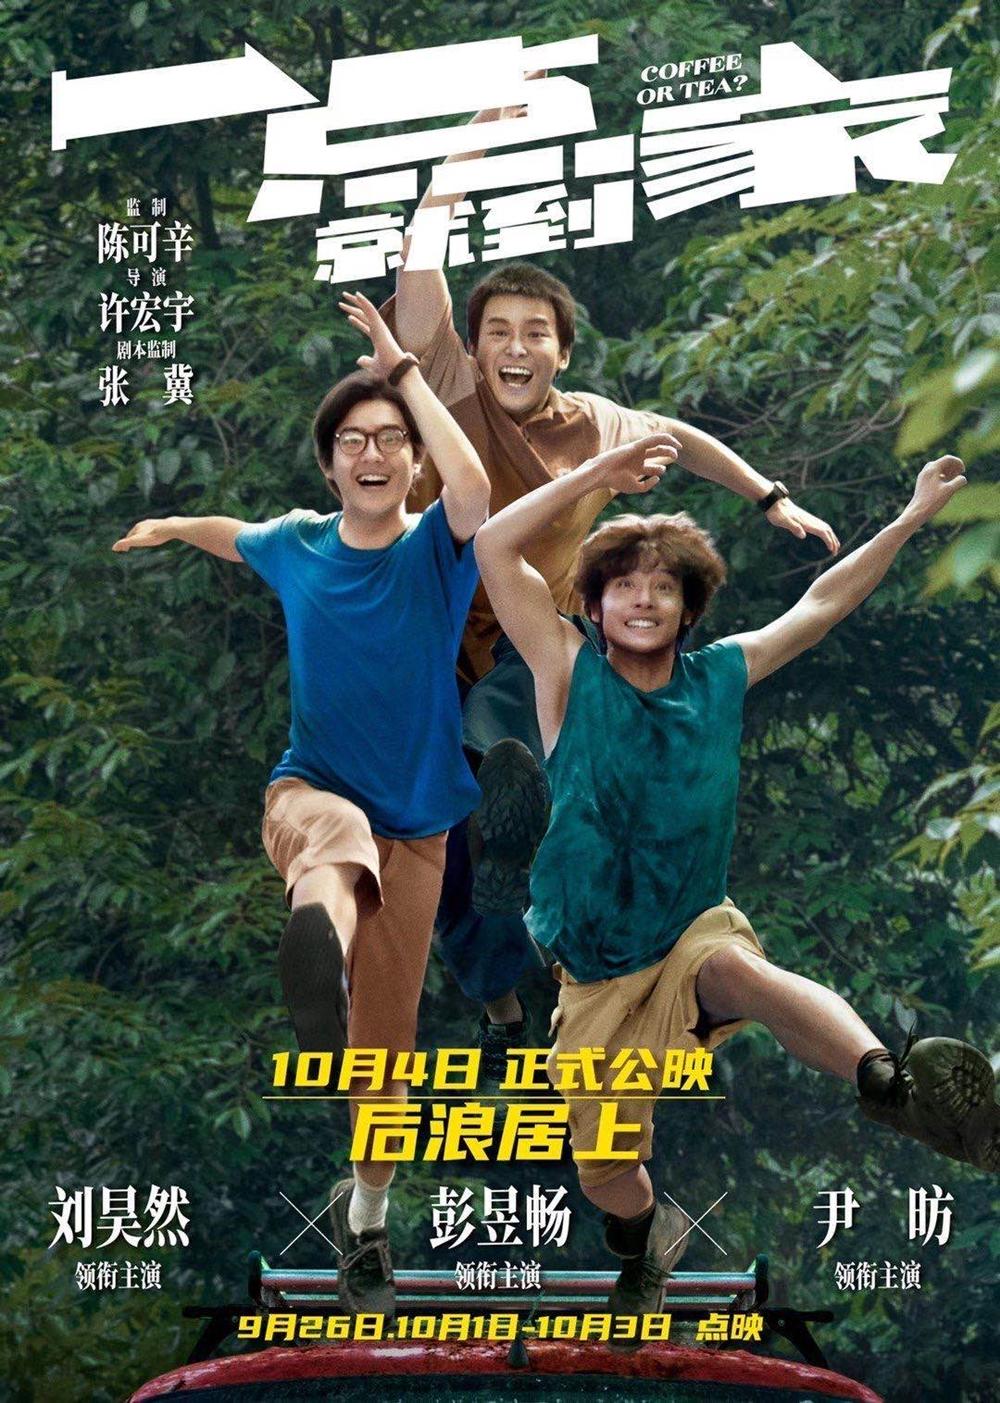 《一点就到家》由许宏宇导演,陈可辛担任监制。